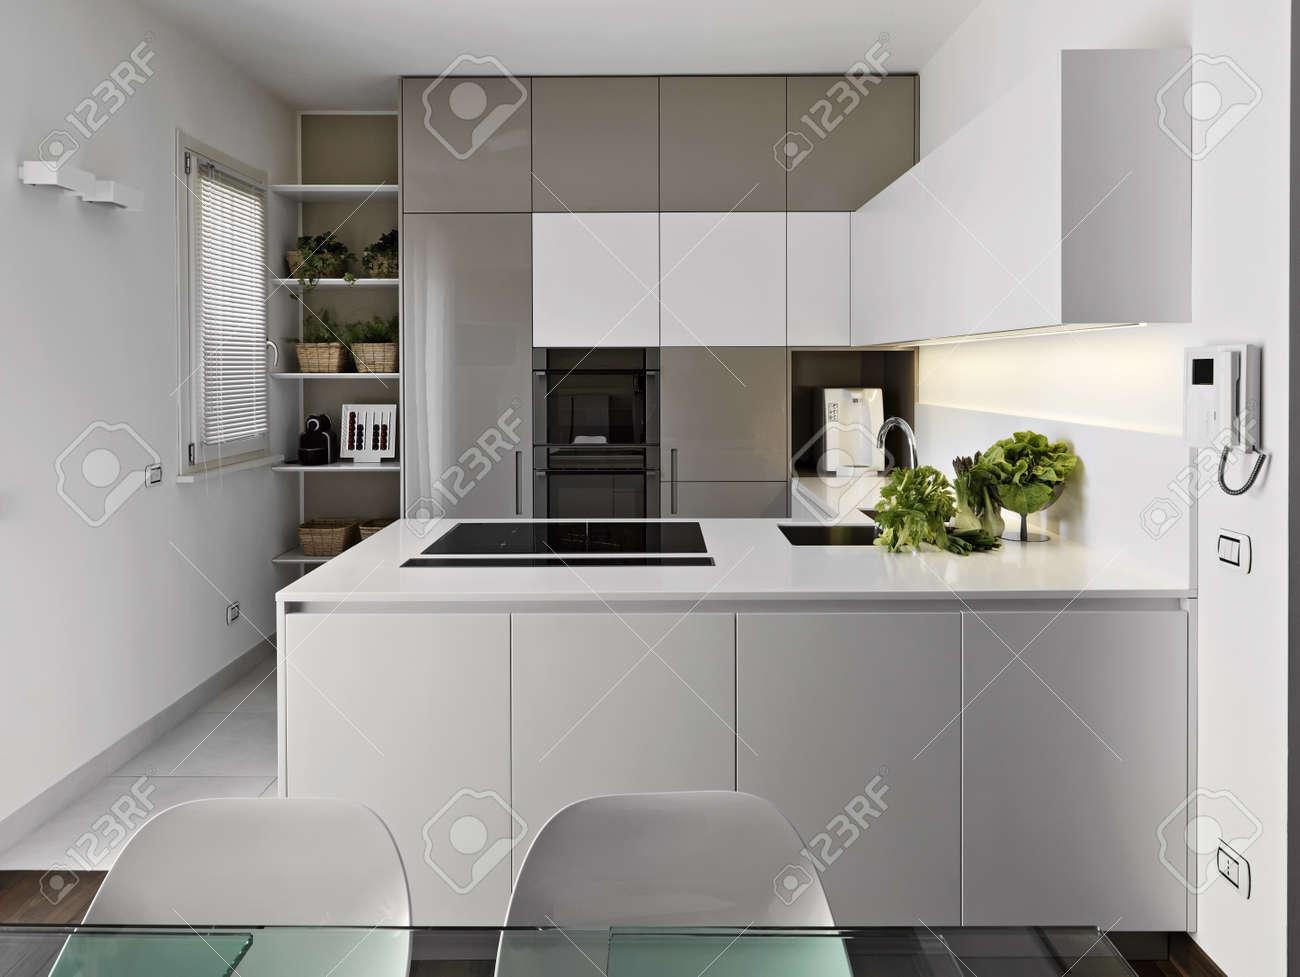 Moderne weiße küche  Moderne Küche Mit Gemüse Auf Dem Weißen Arbeitsplatte Lizenzfreie ...